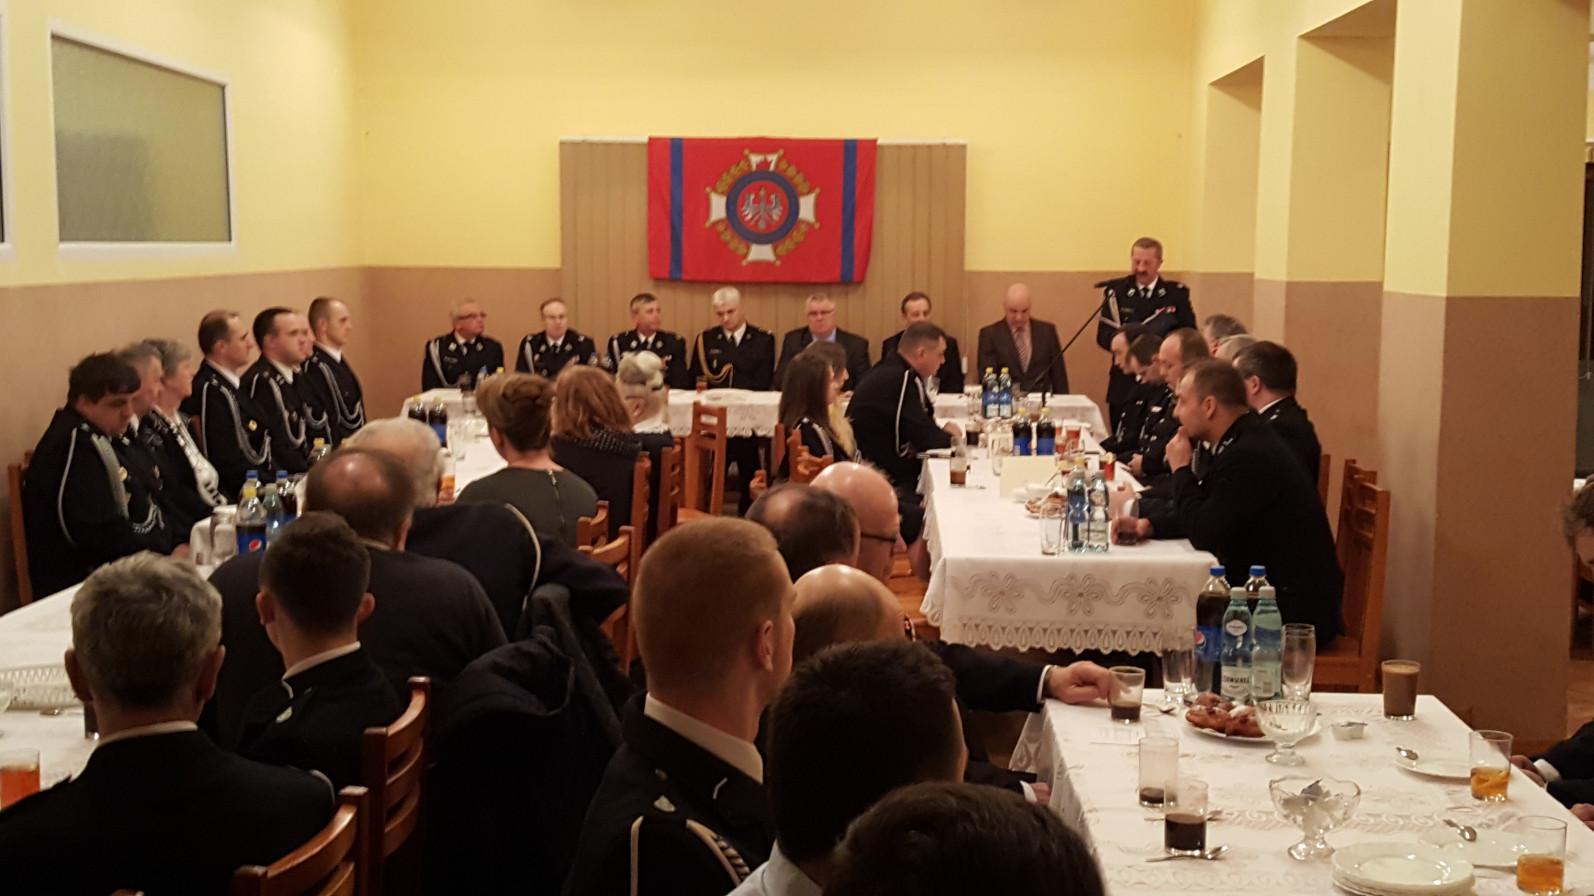 Walne zebranie - zdjęcie przedstawia wszystkich uczestników zebrania